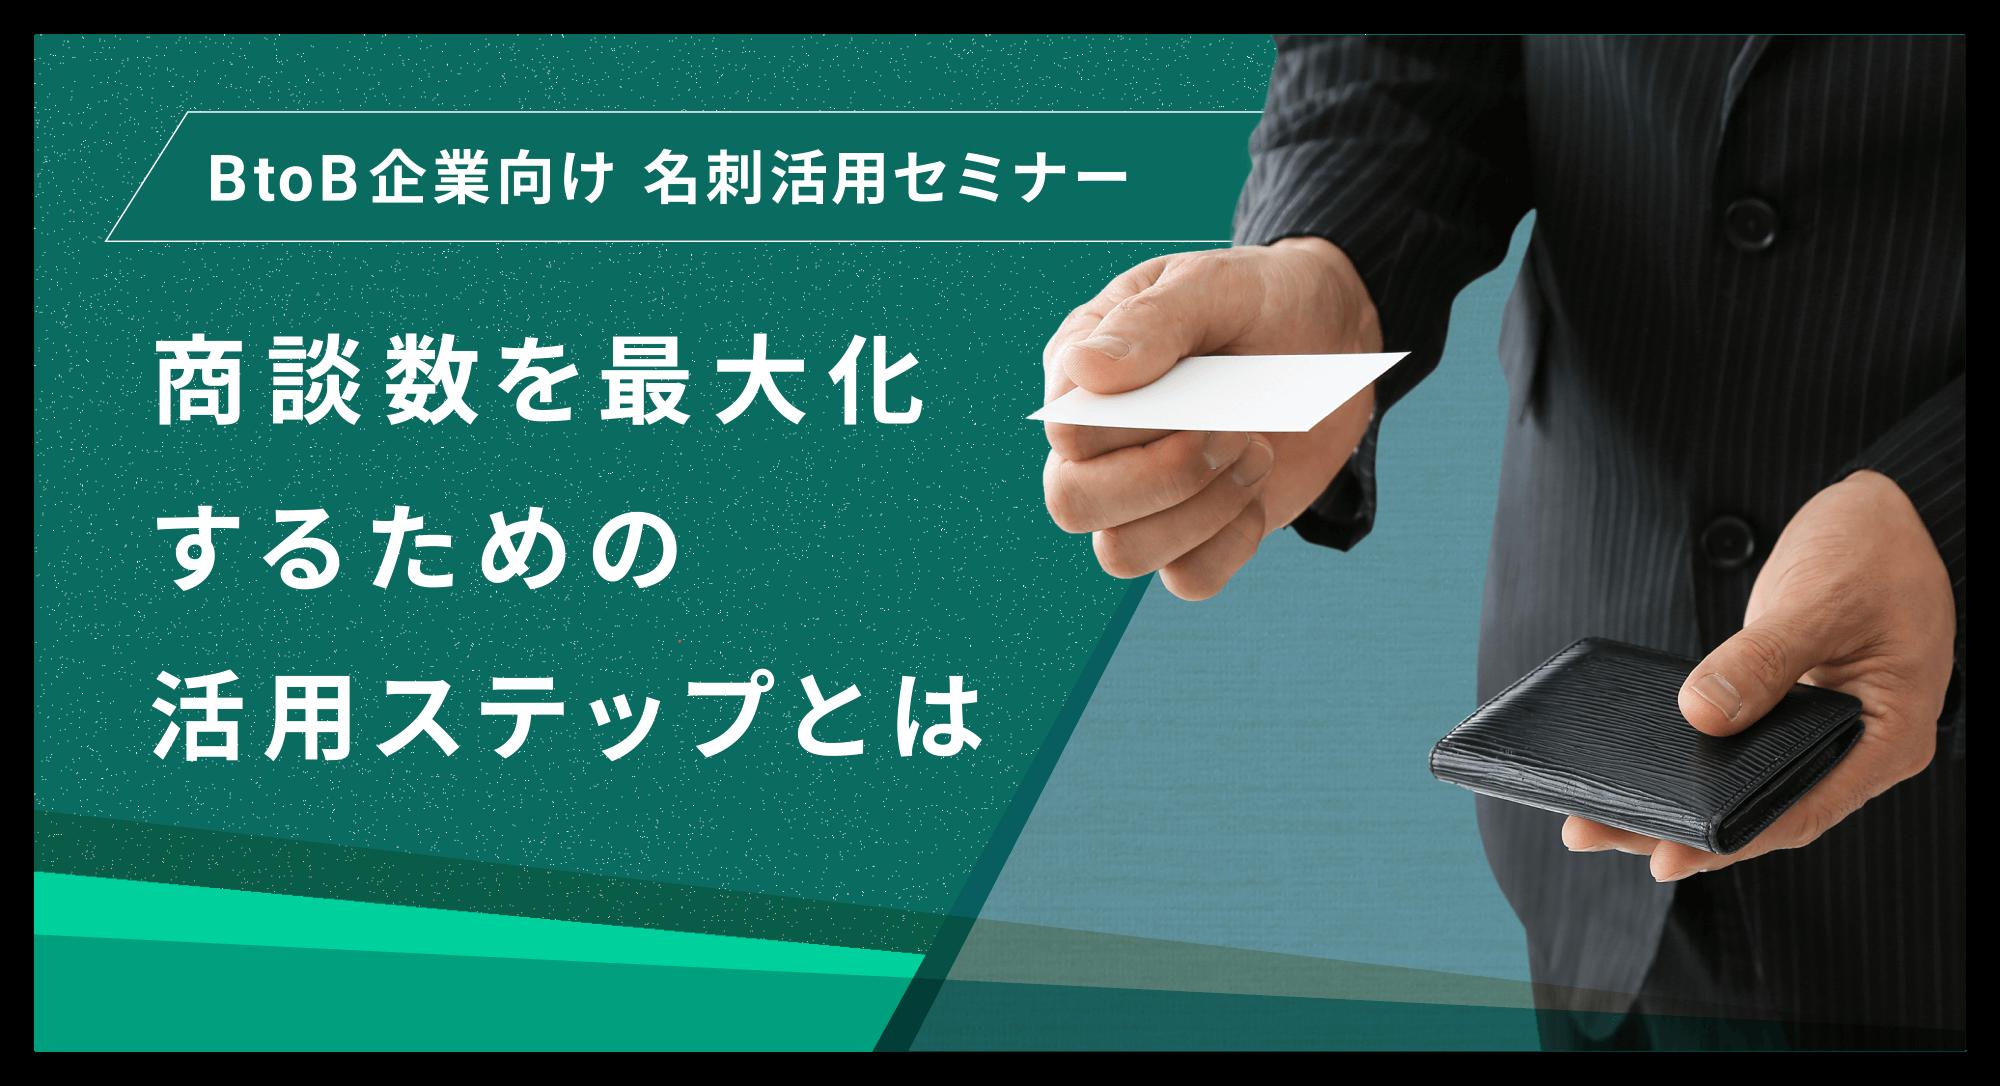 【4月21日(水)】勉強会:名刺活用講座 ~商談数を最大化するための活用ステップとは~